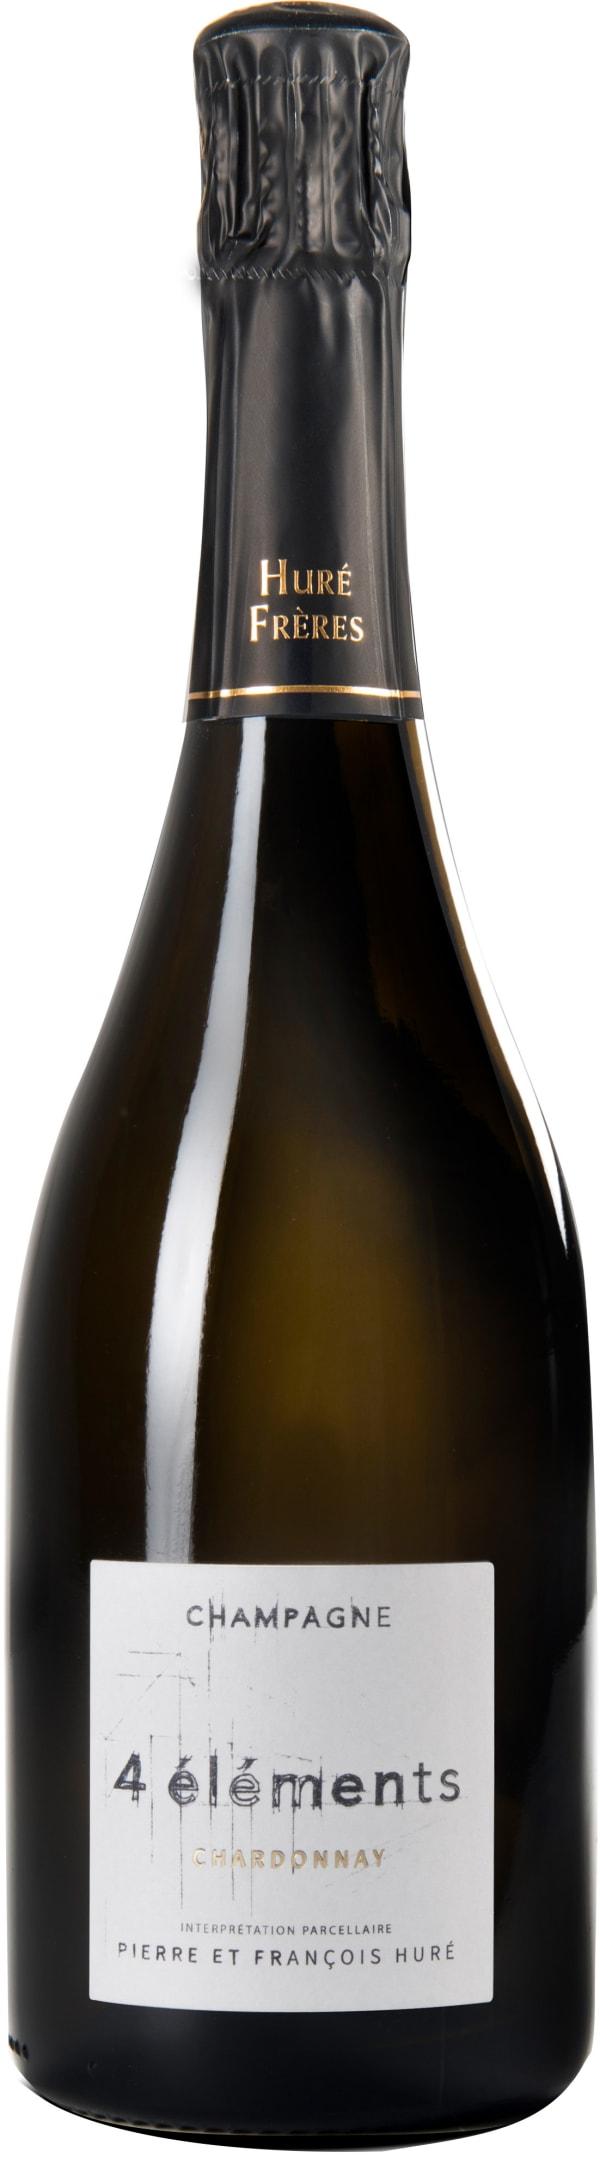 Huré Frères 4 Éléments Chardonnay Champagne Extra Brut 2015